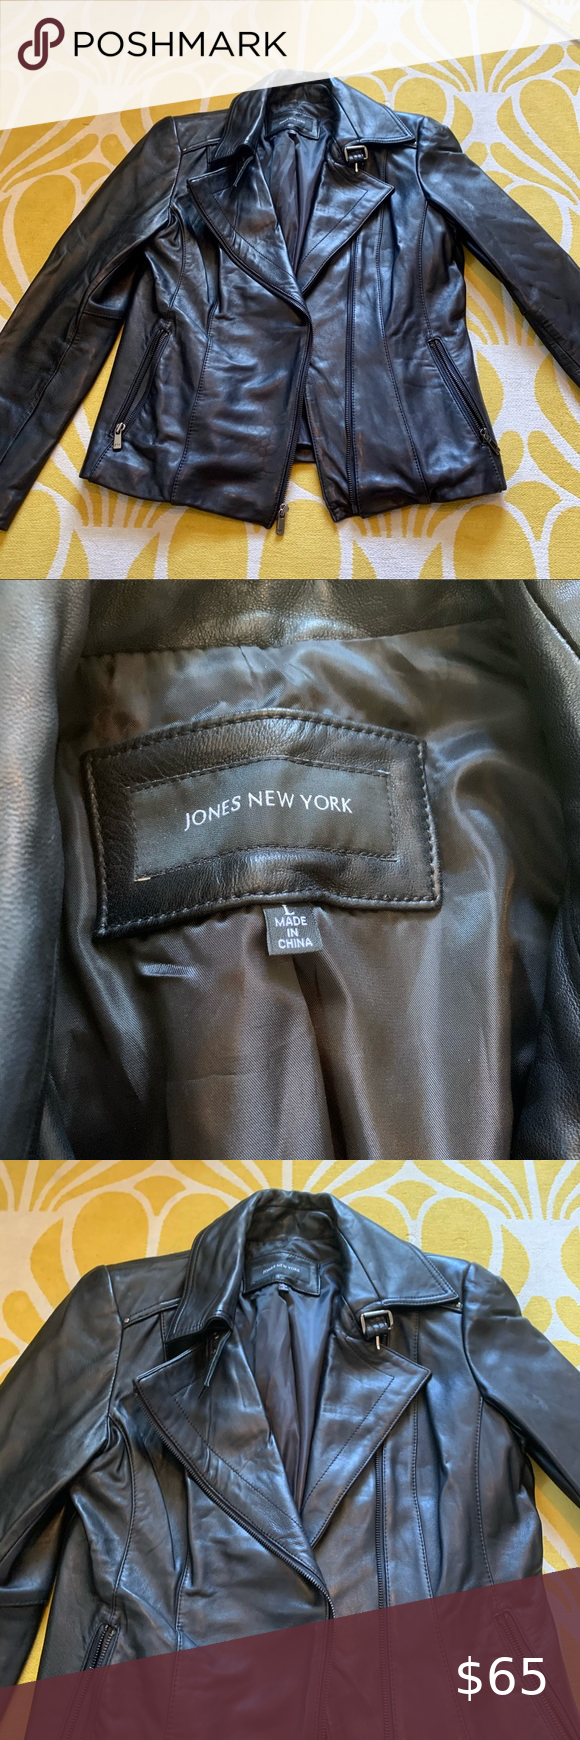 Jones Ny Genuine Black Leather Jacket Black Leather Jacket Leather Jacket Black Leather [ 1740 x 580 Pixel ]